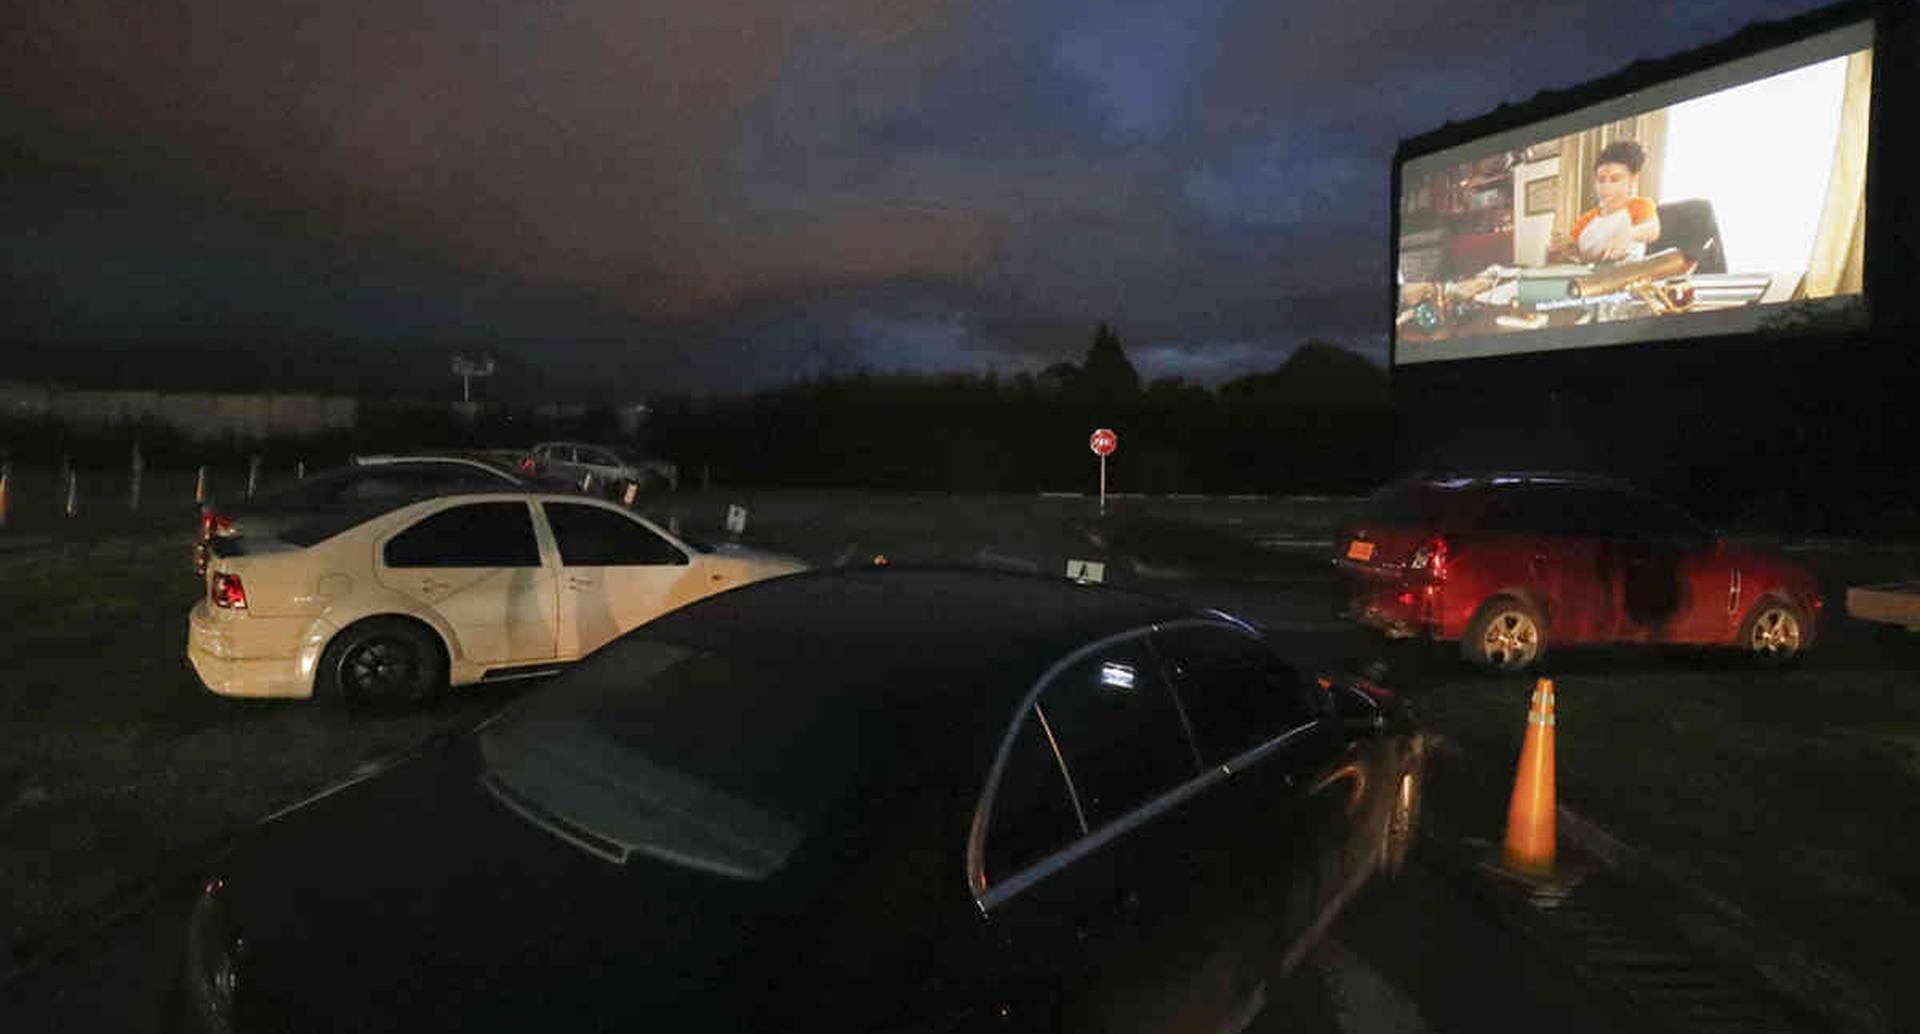 Los asistentes a las funciones de autocine disfrutan de las películas gracias a un sistema de transmisión FM que lleva el sonido directamente a sus carros. Guillermo Torres / Semana